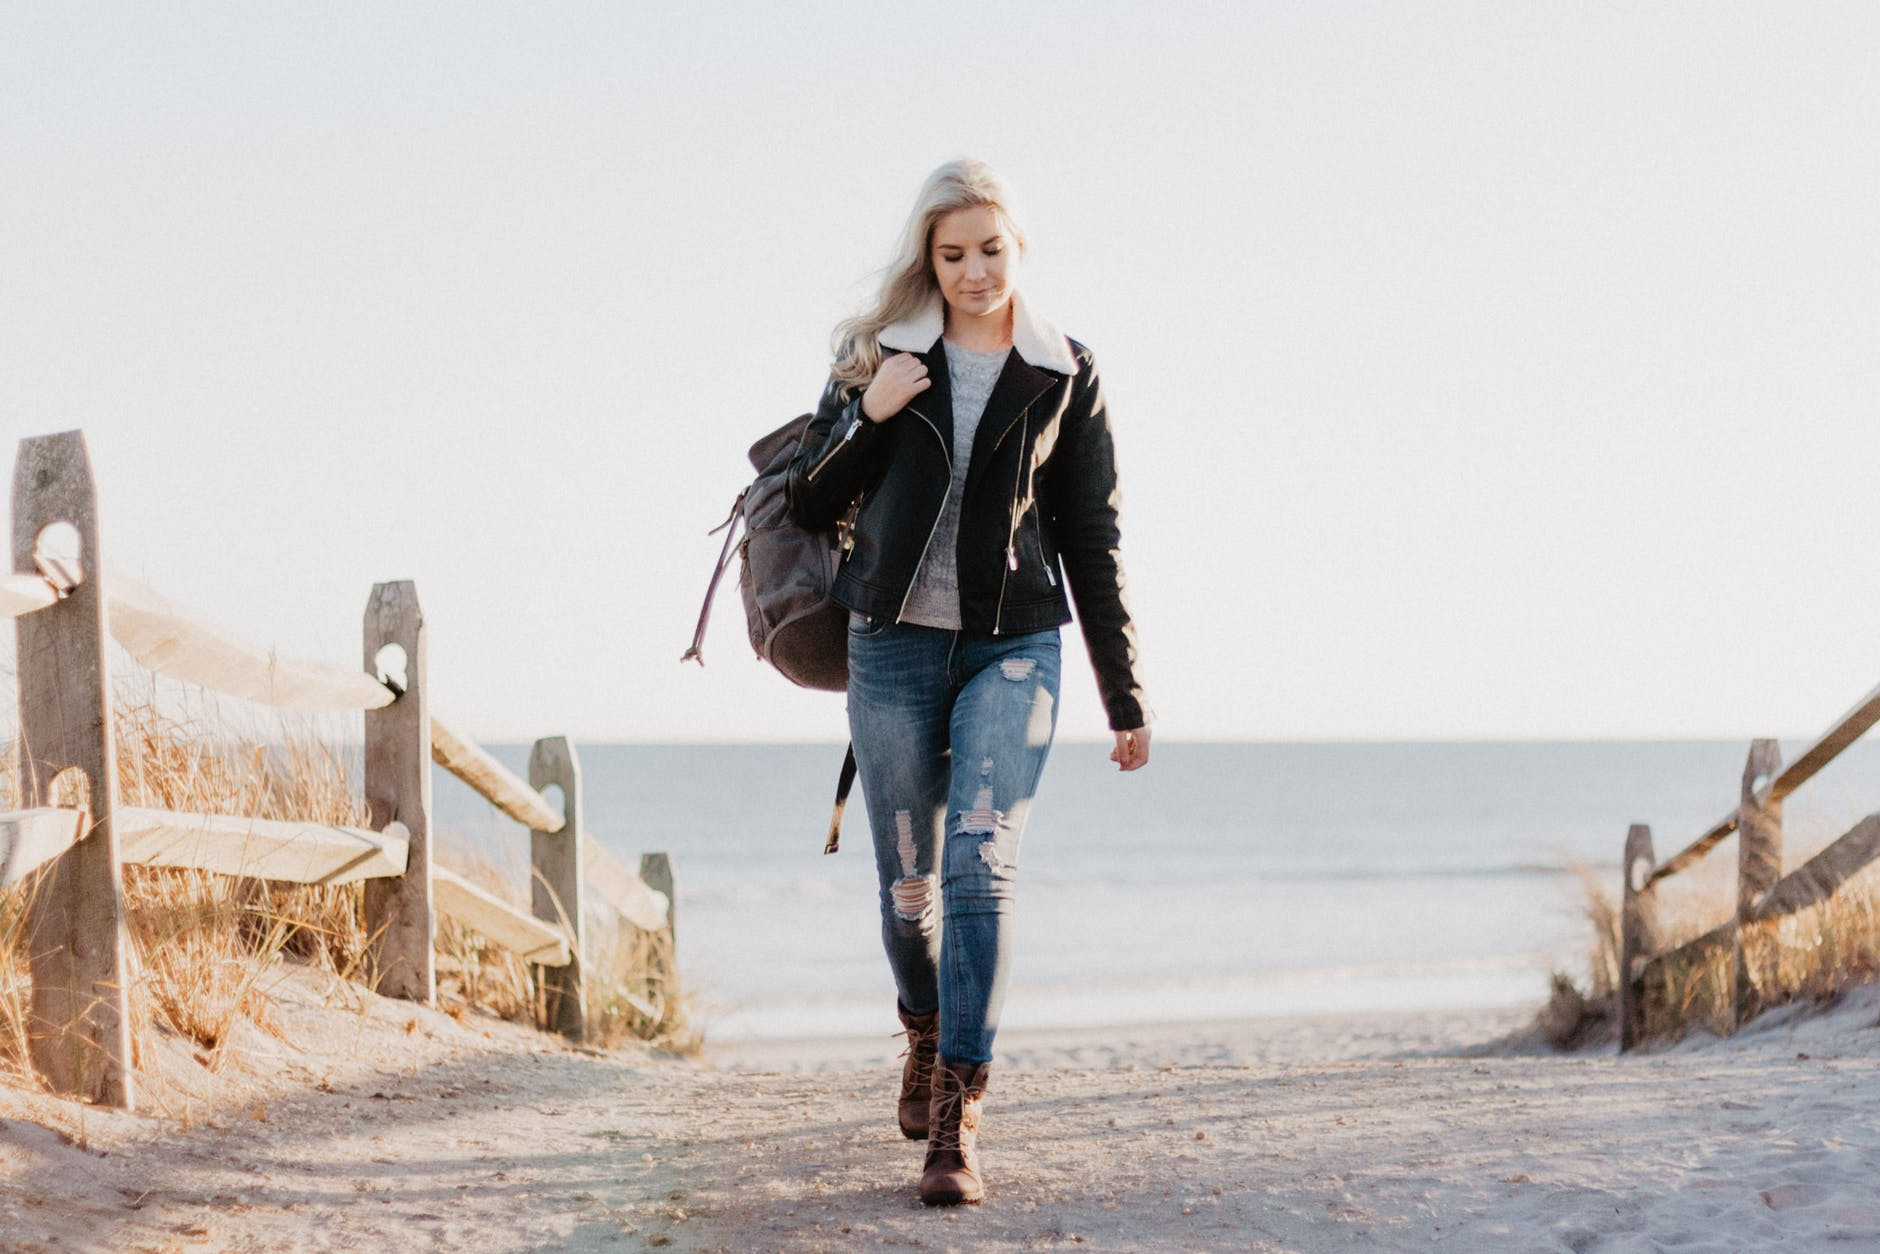 Woman Walking at Beach